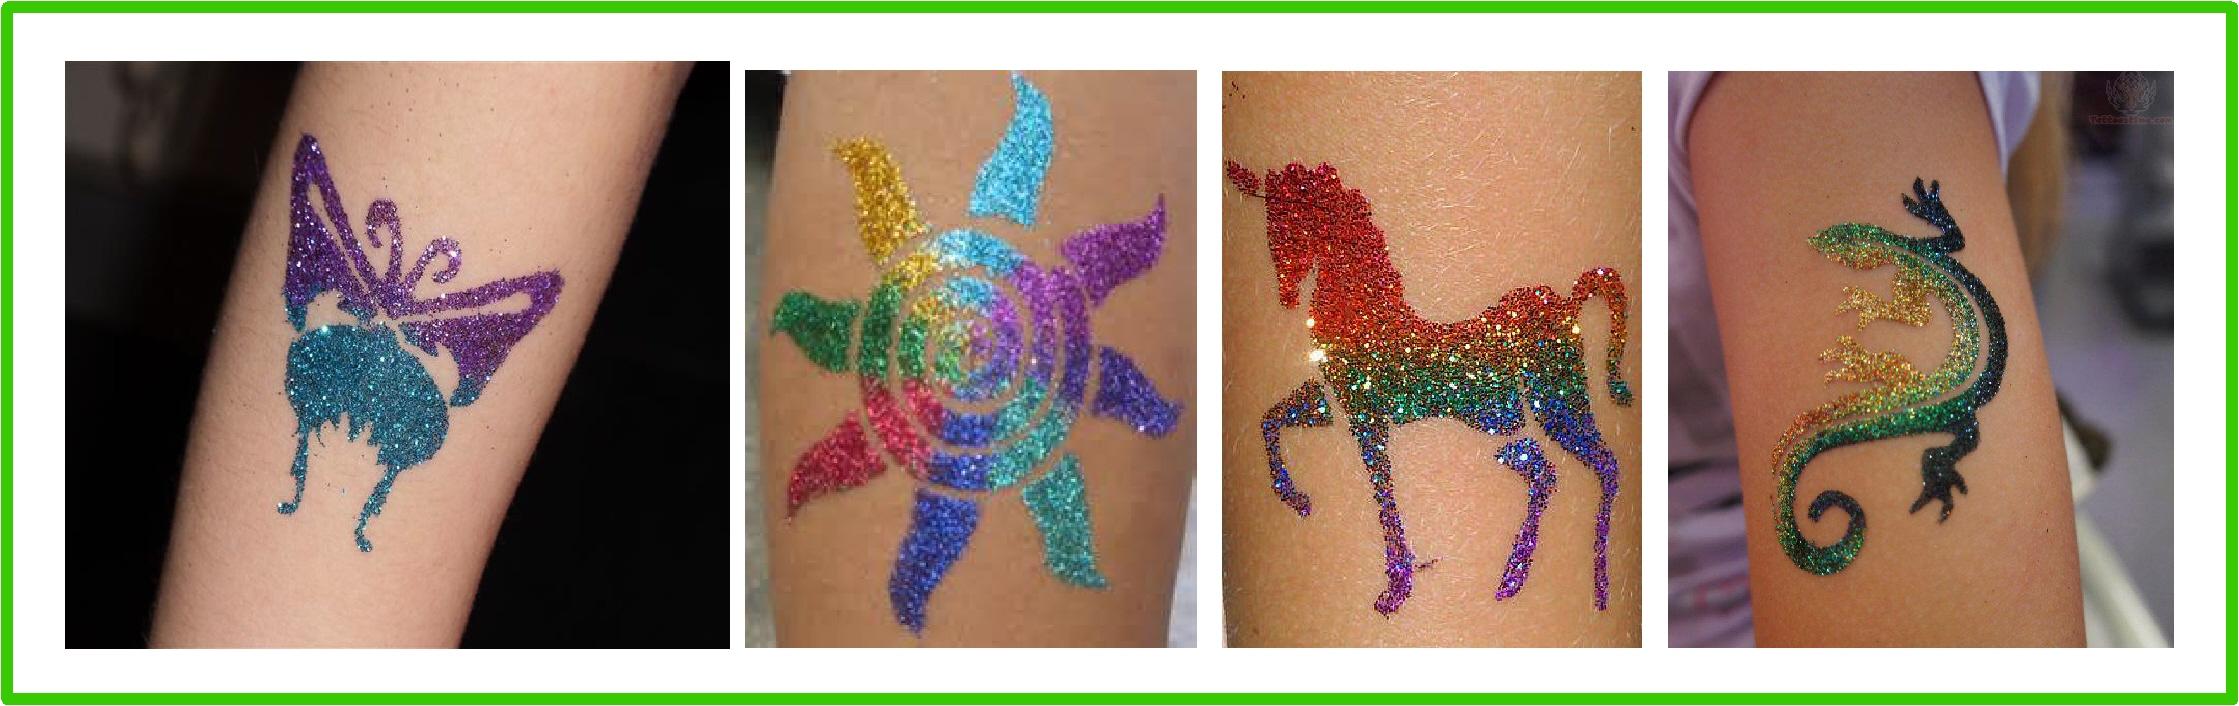 tetovaža od šljokica